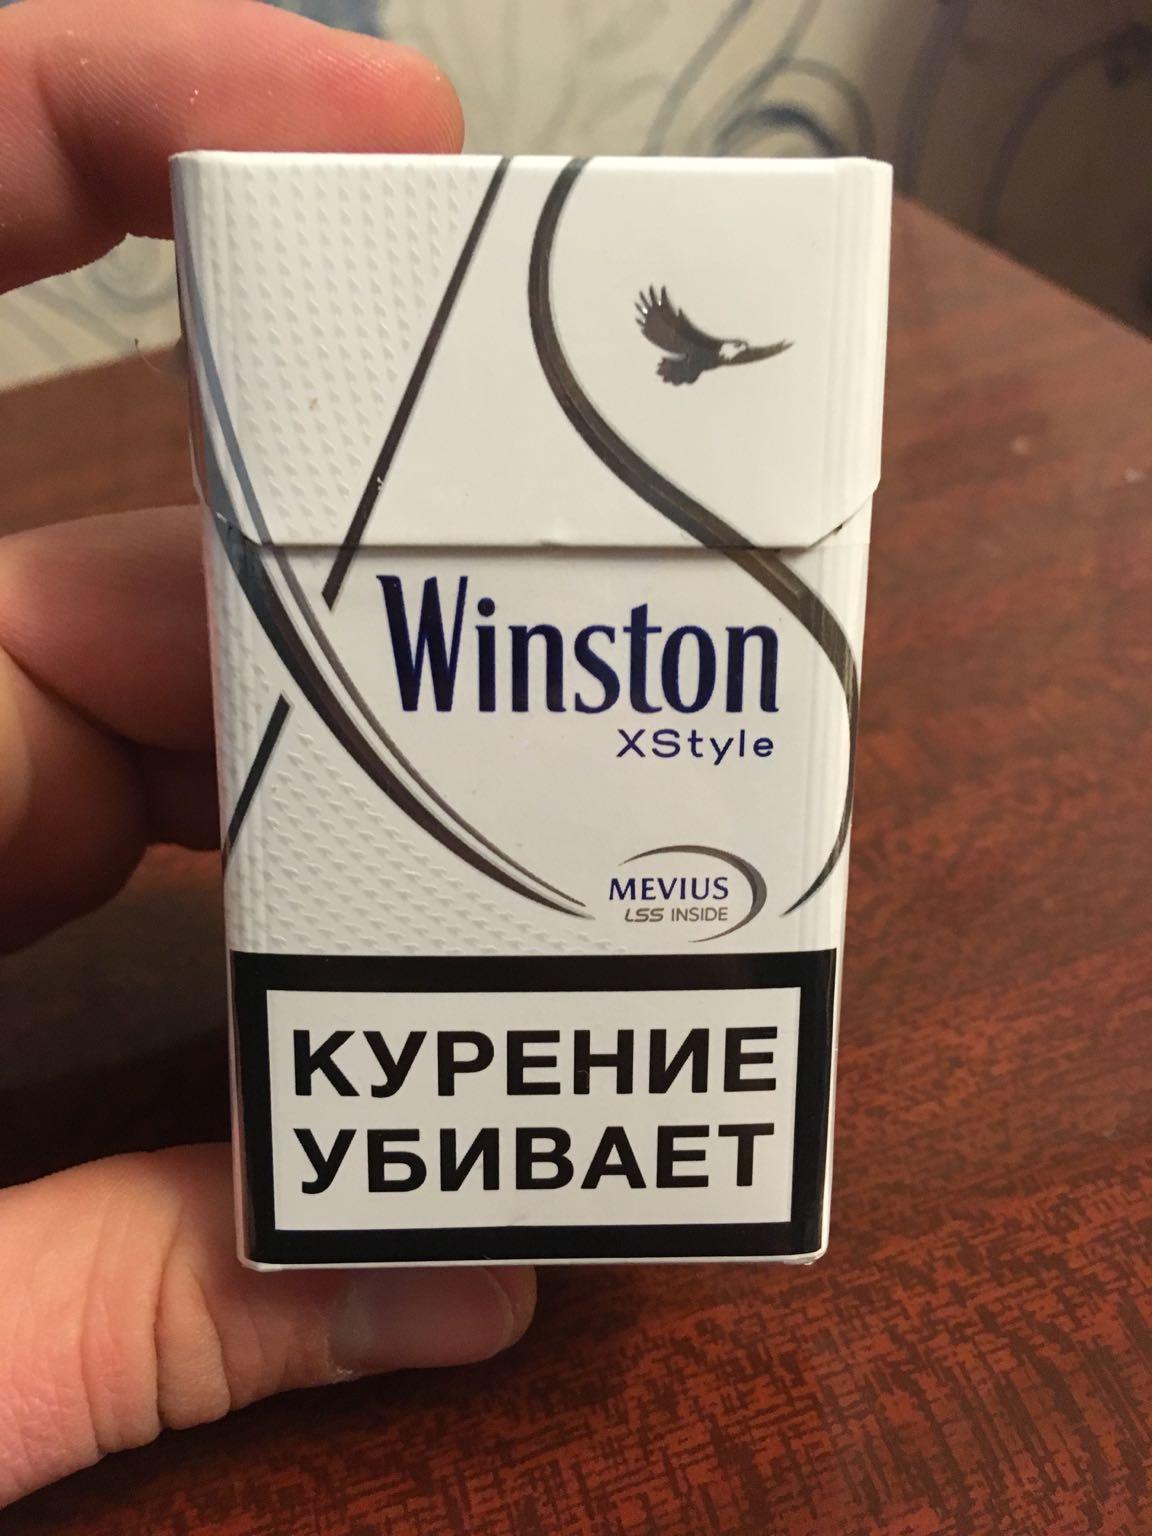 винстон с угольным фильтром фото хаус купить москве